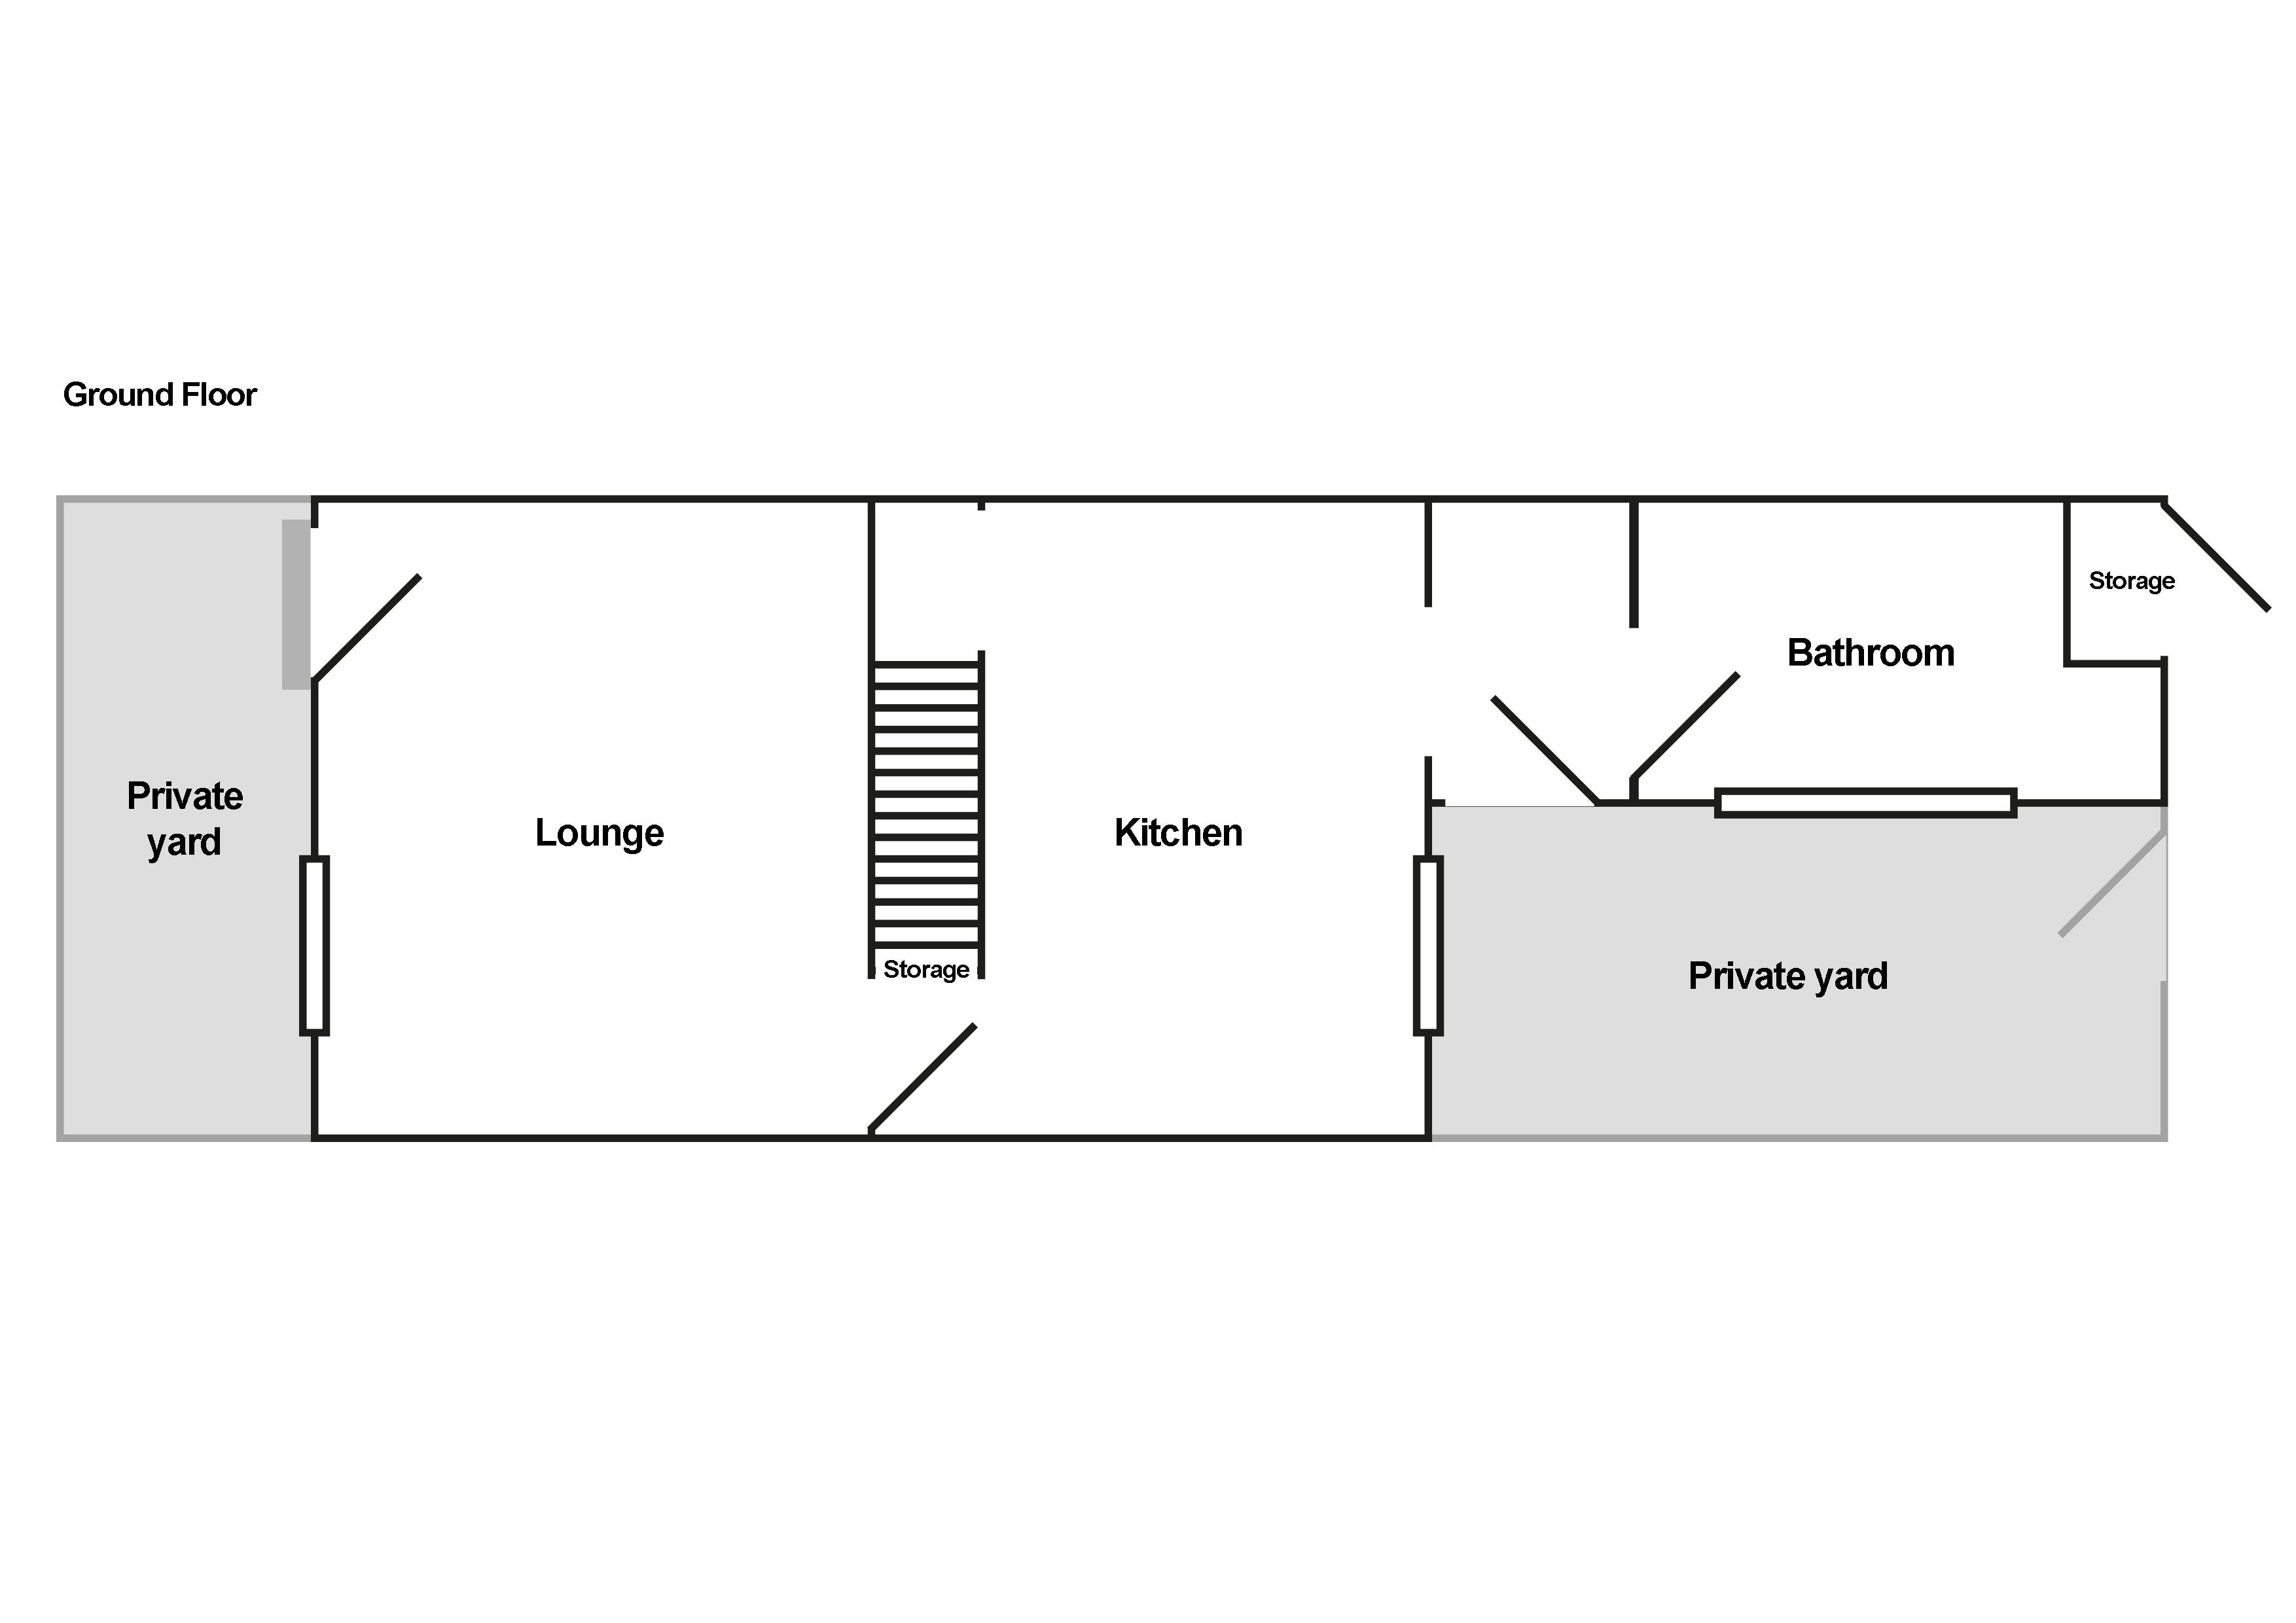 Ground Floor Floor Plan